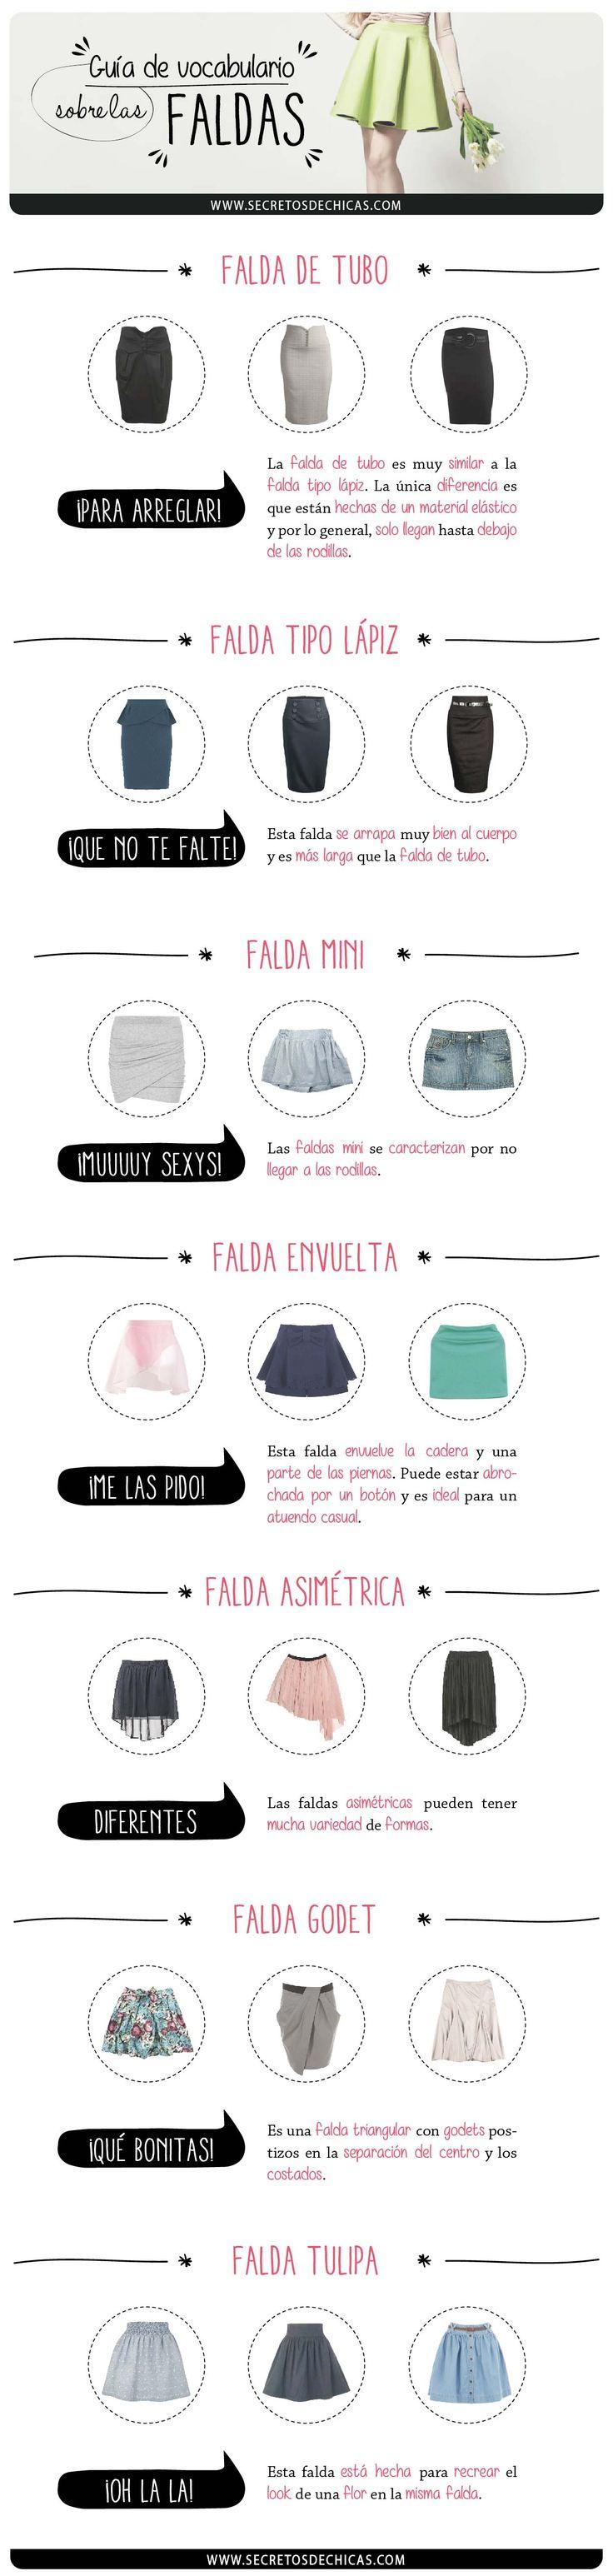 Guía de vocabulario sobre las faldas parte II